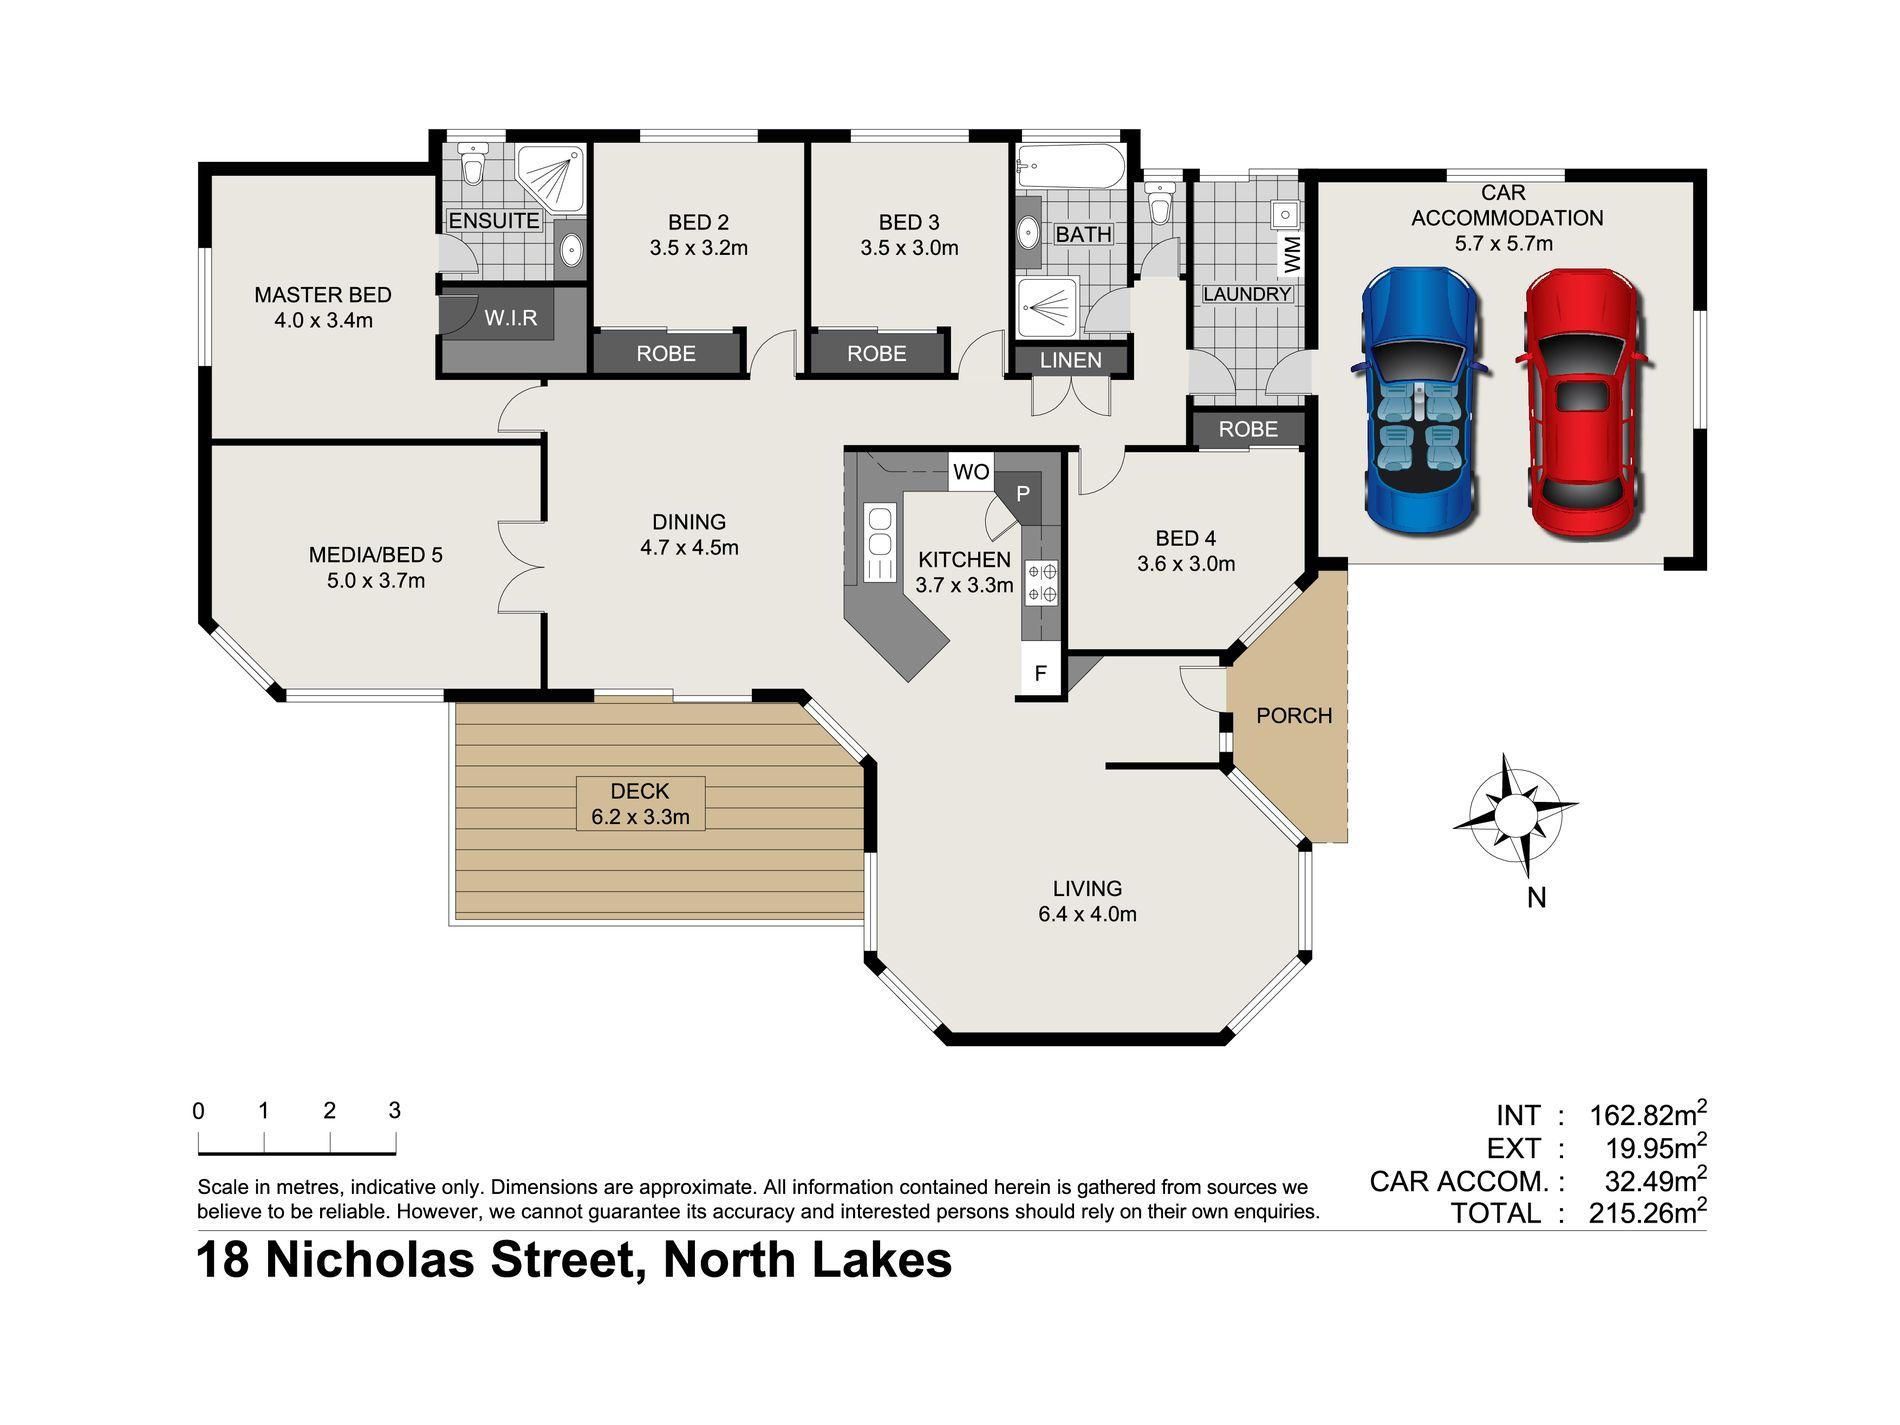 18 Nicholas Street, North Lakes